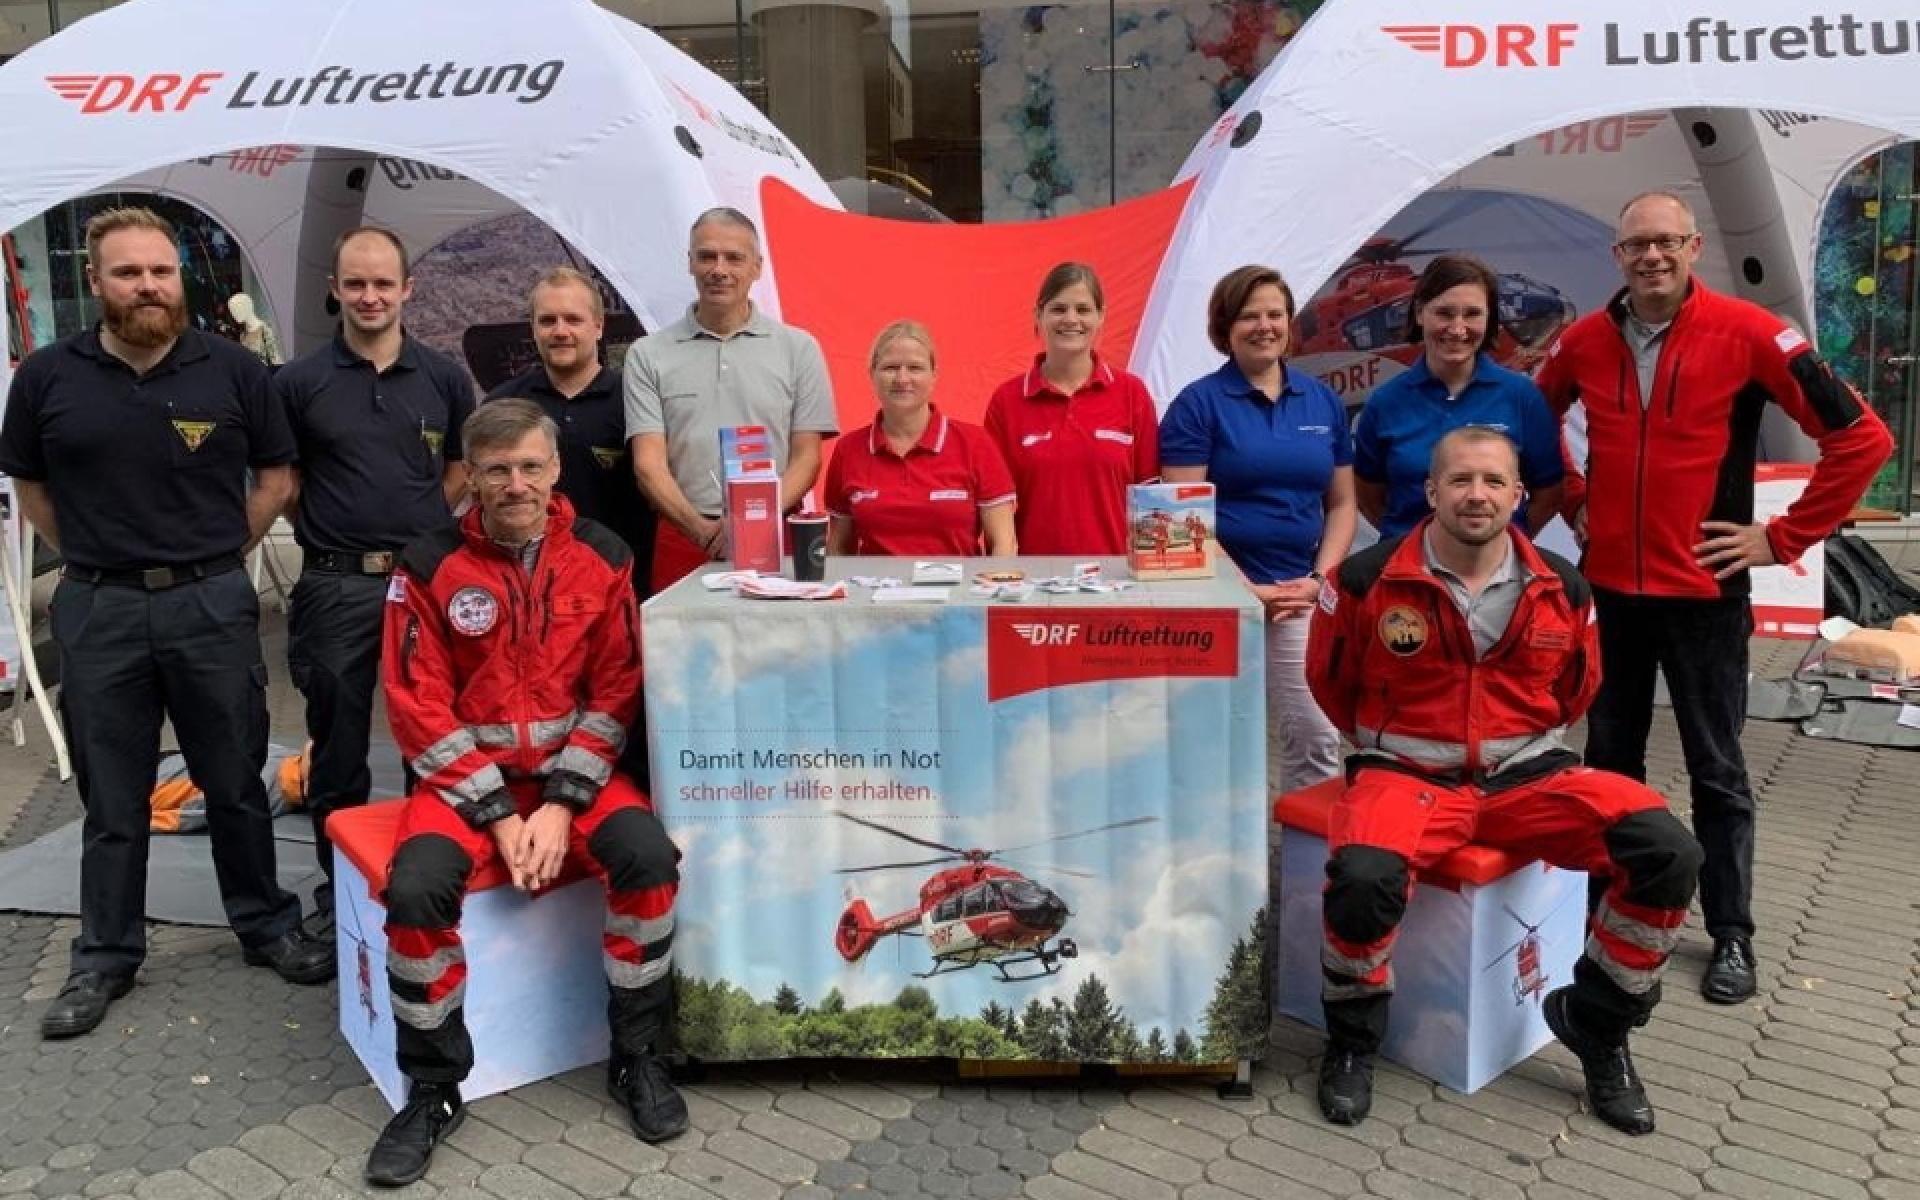 Von 9 Uhr bis 16.30 Uhr standen professionelle Rettungskräfte für die Fragen aller Interessierten bereit.